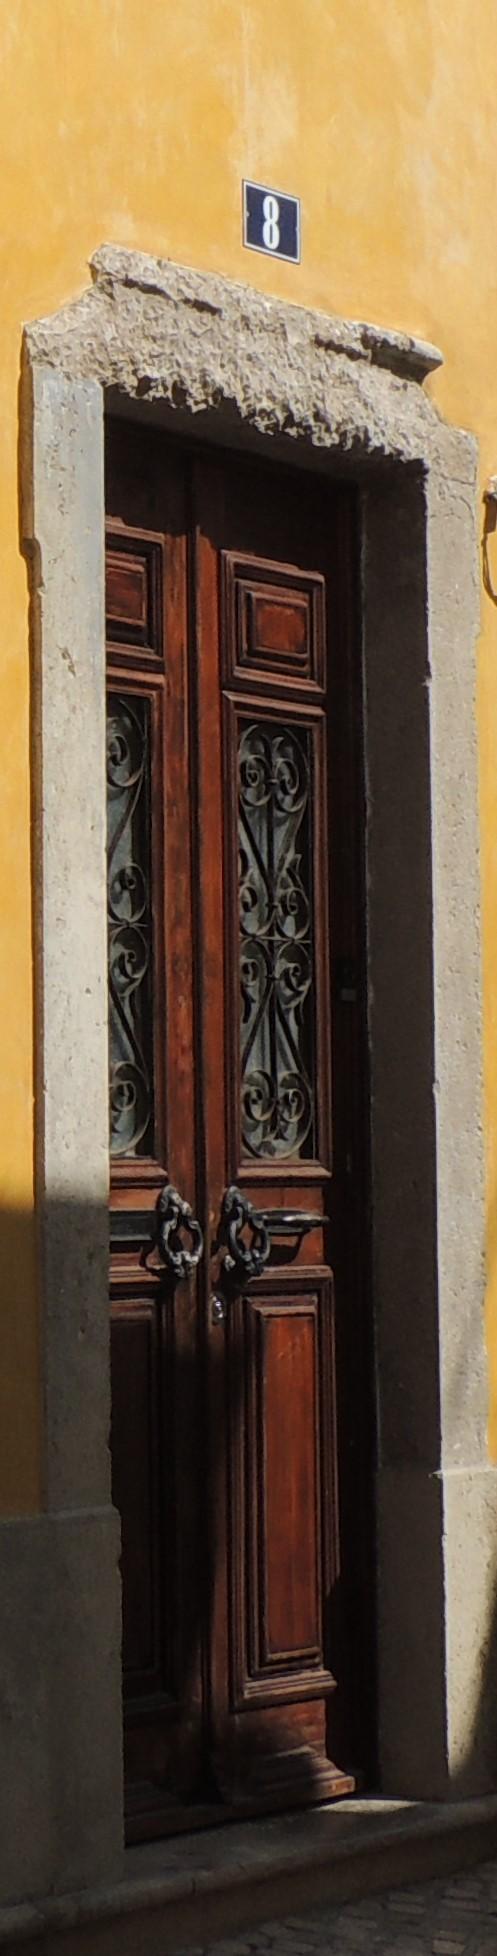 Posh door